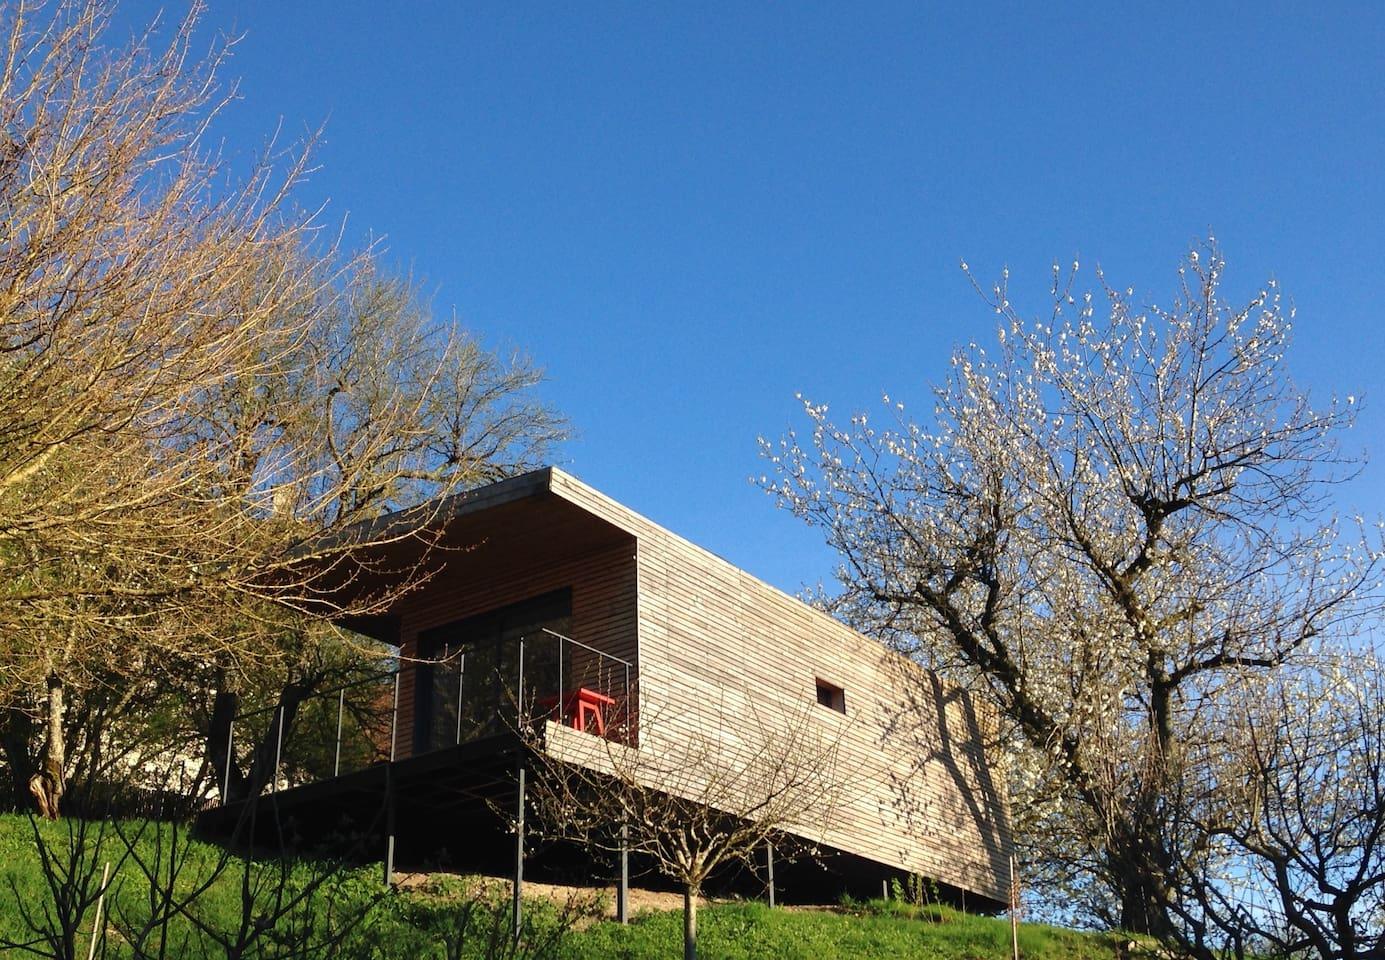 La Maison Perchéeen haut du verger